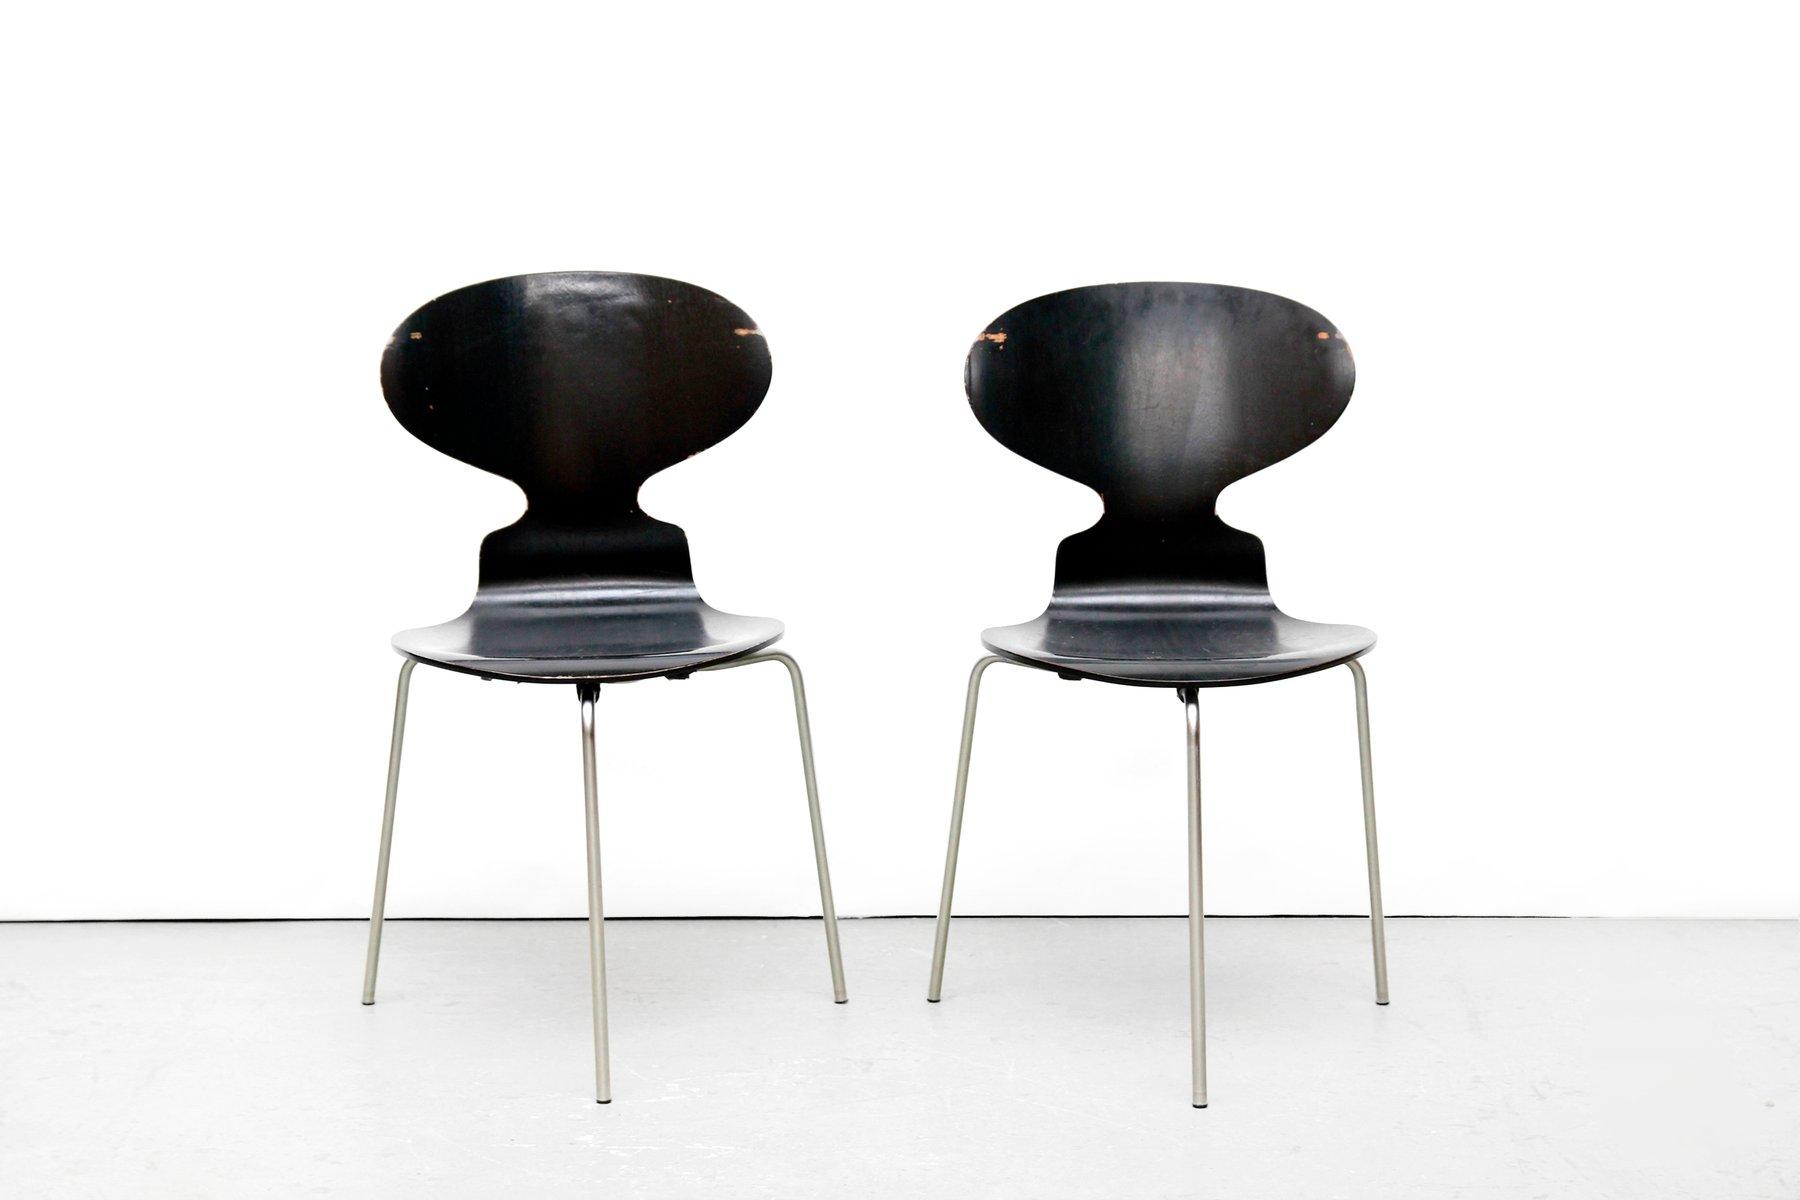 modell fh 3100 ant st hle von arne jacobsen f r fritz hansen 1969 6er set bei pamono kaufen. Black Bedroom Furniture Sets. Home Design Ideas